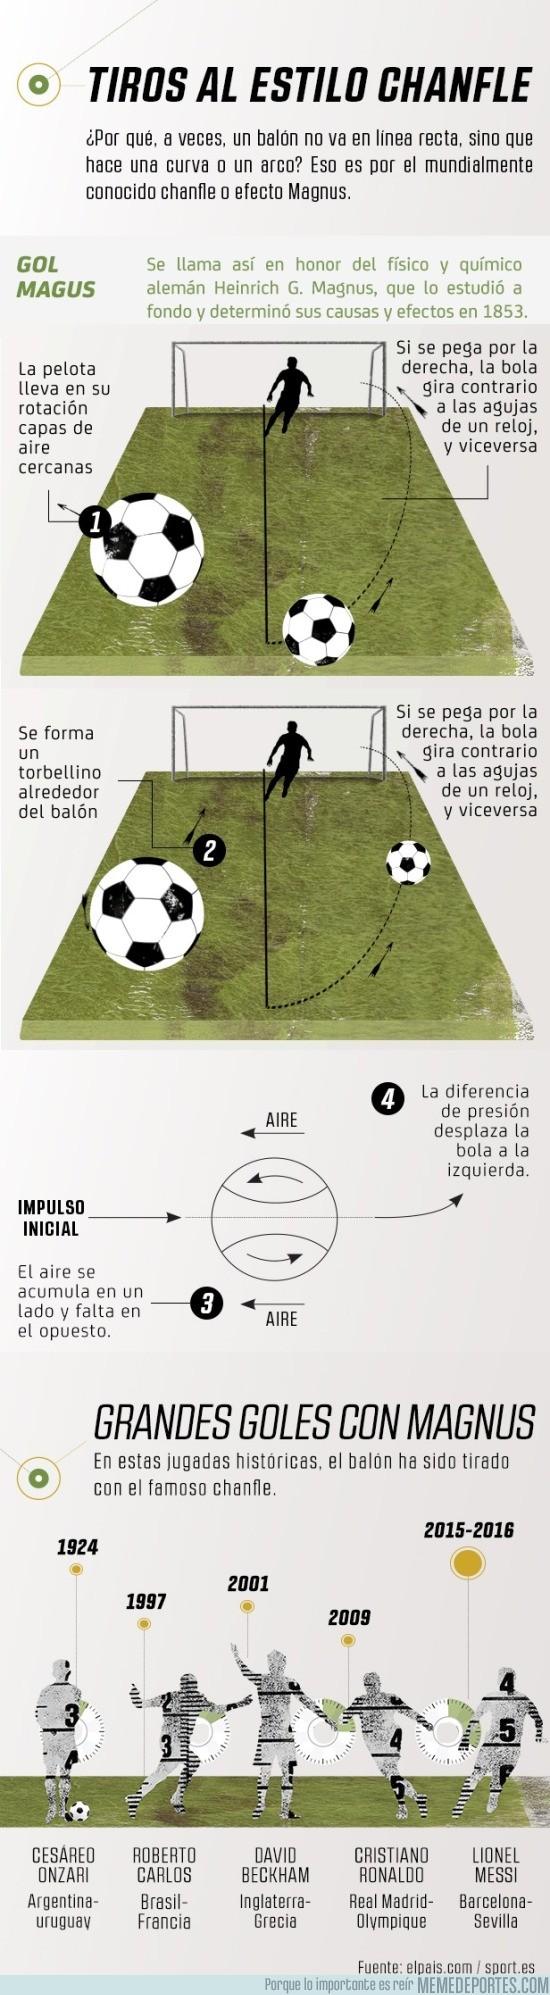 855162 - La ciencia nos ayuda a comprender los golazos de tiro libre. ¡APRÉNDELO!